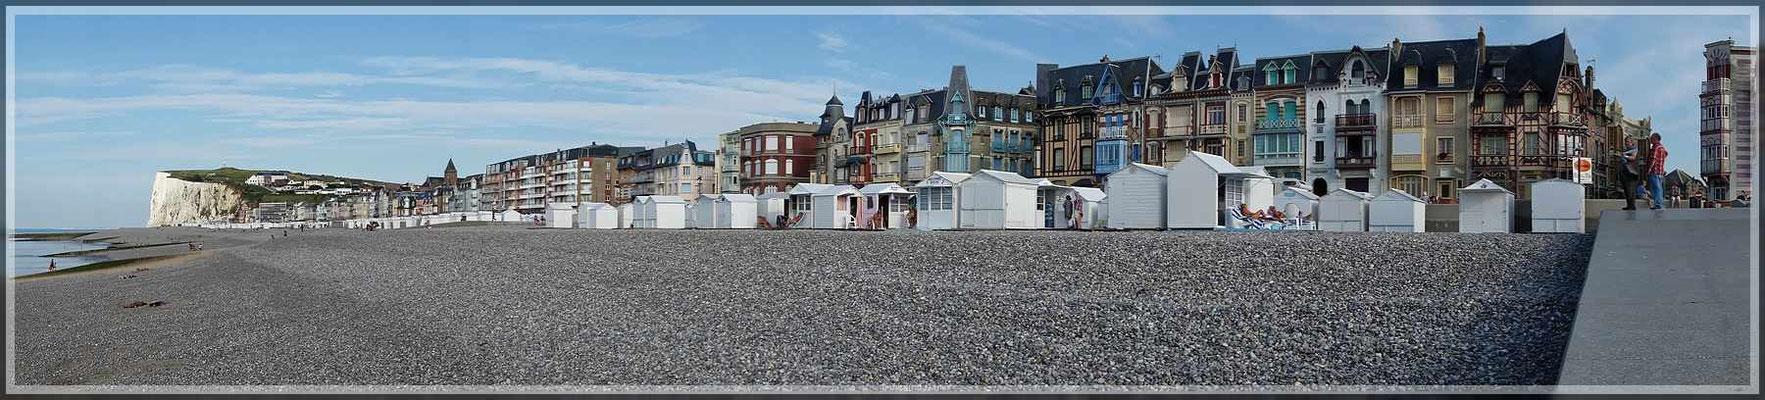 Blick auf Mers-les-Bains